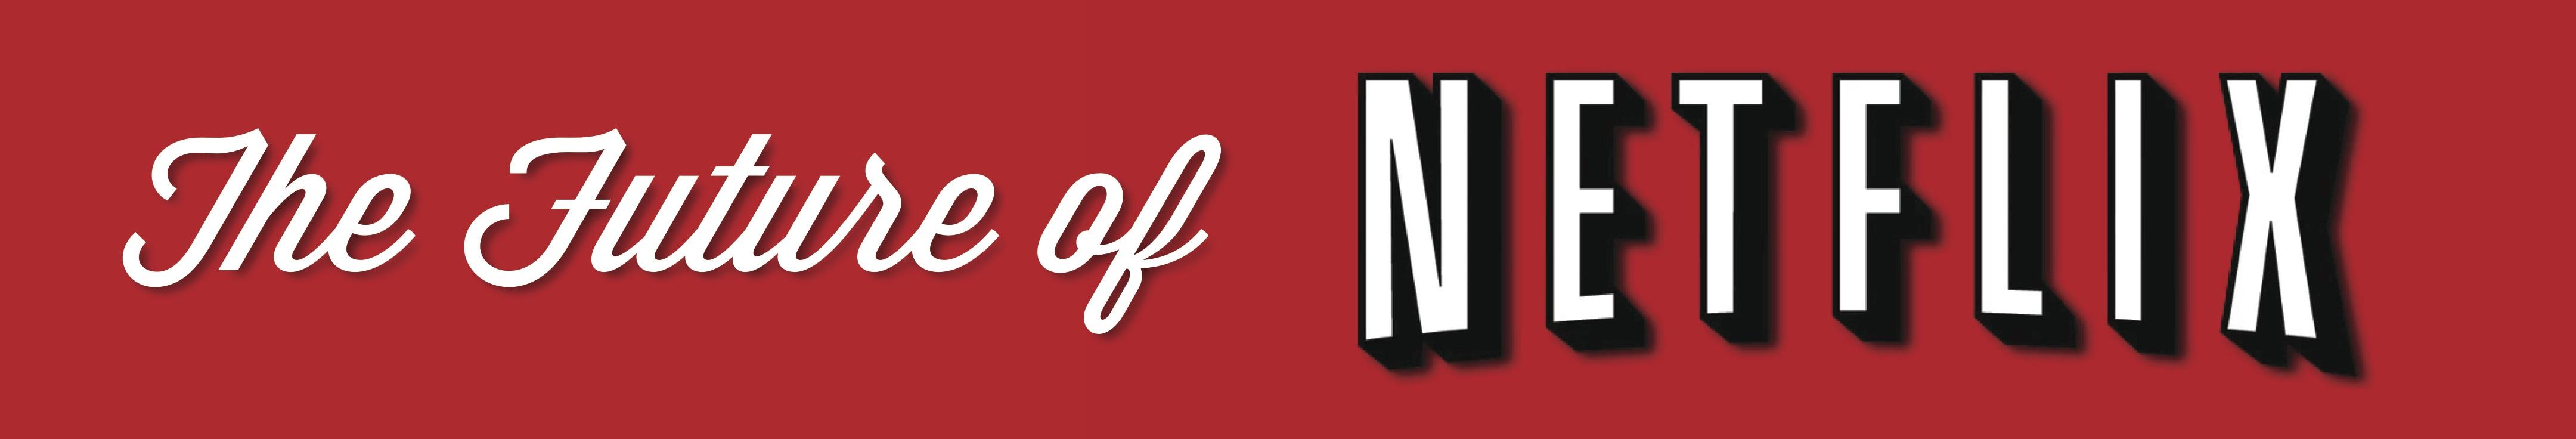 netflix.banner